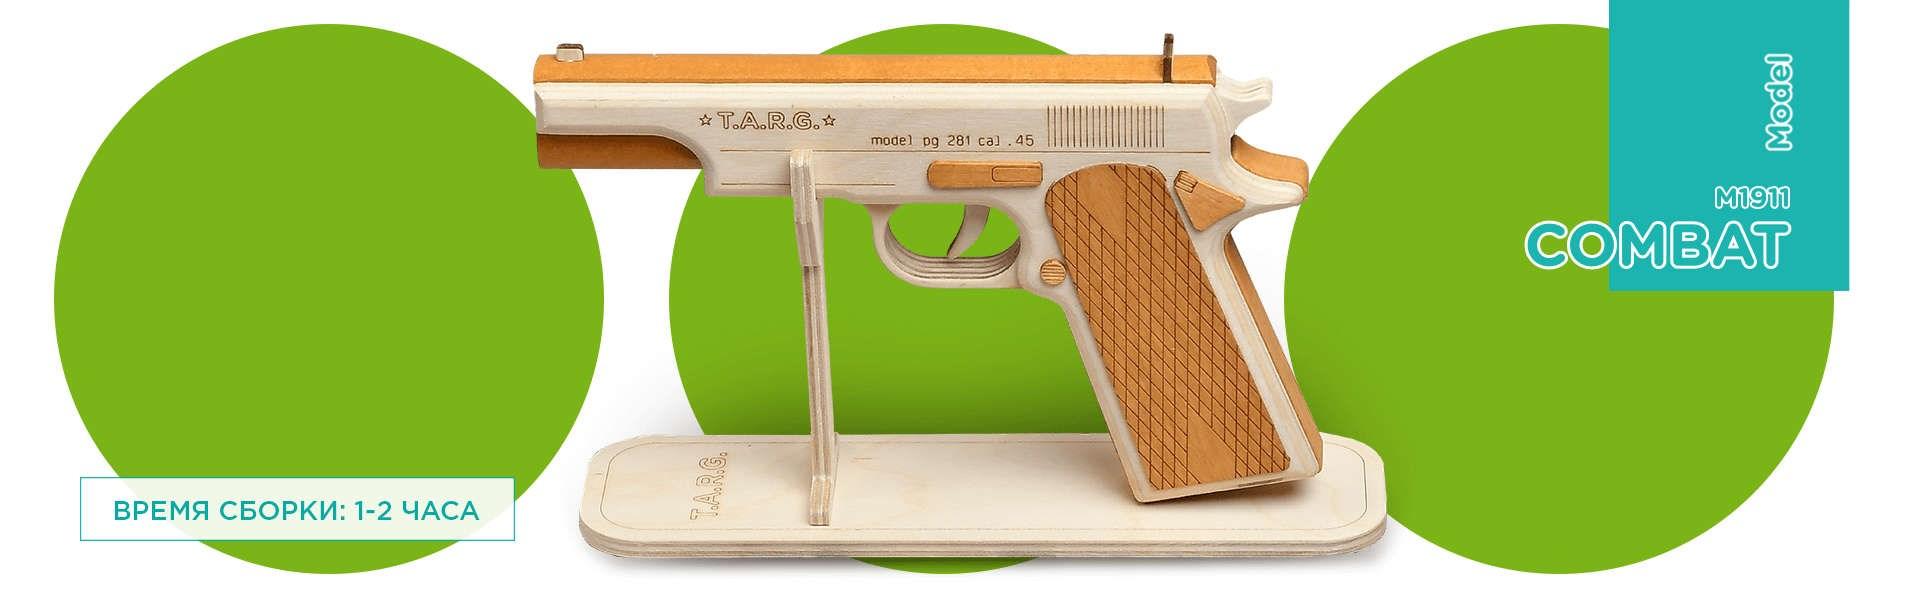 Сборная модель T.A.R.G. COMBAT M1911 - фото 4911